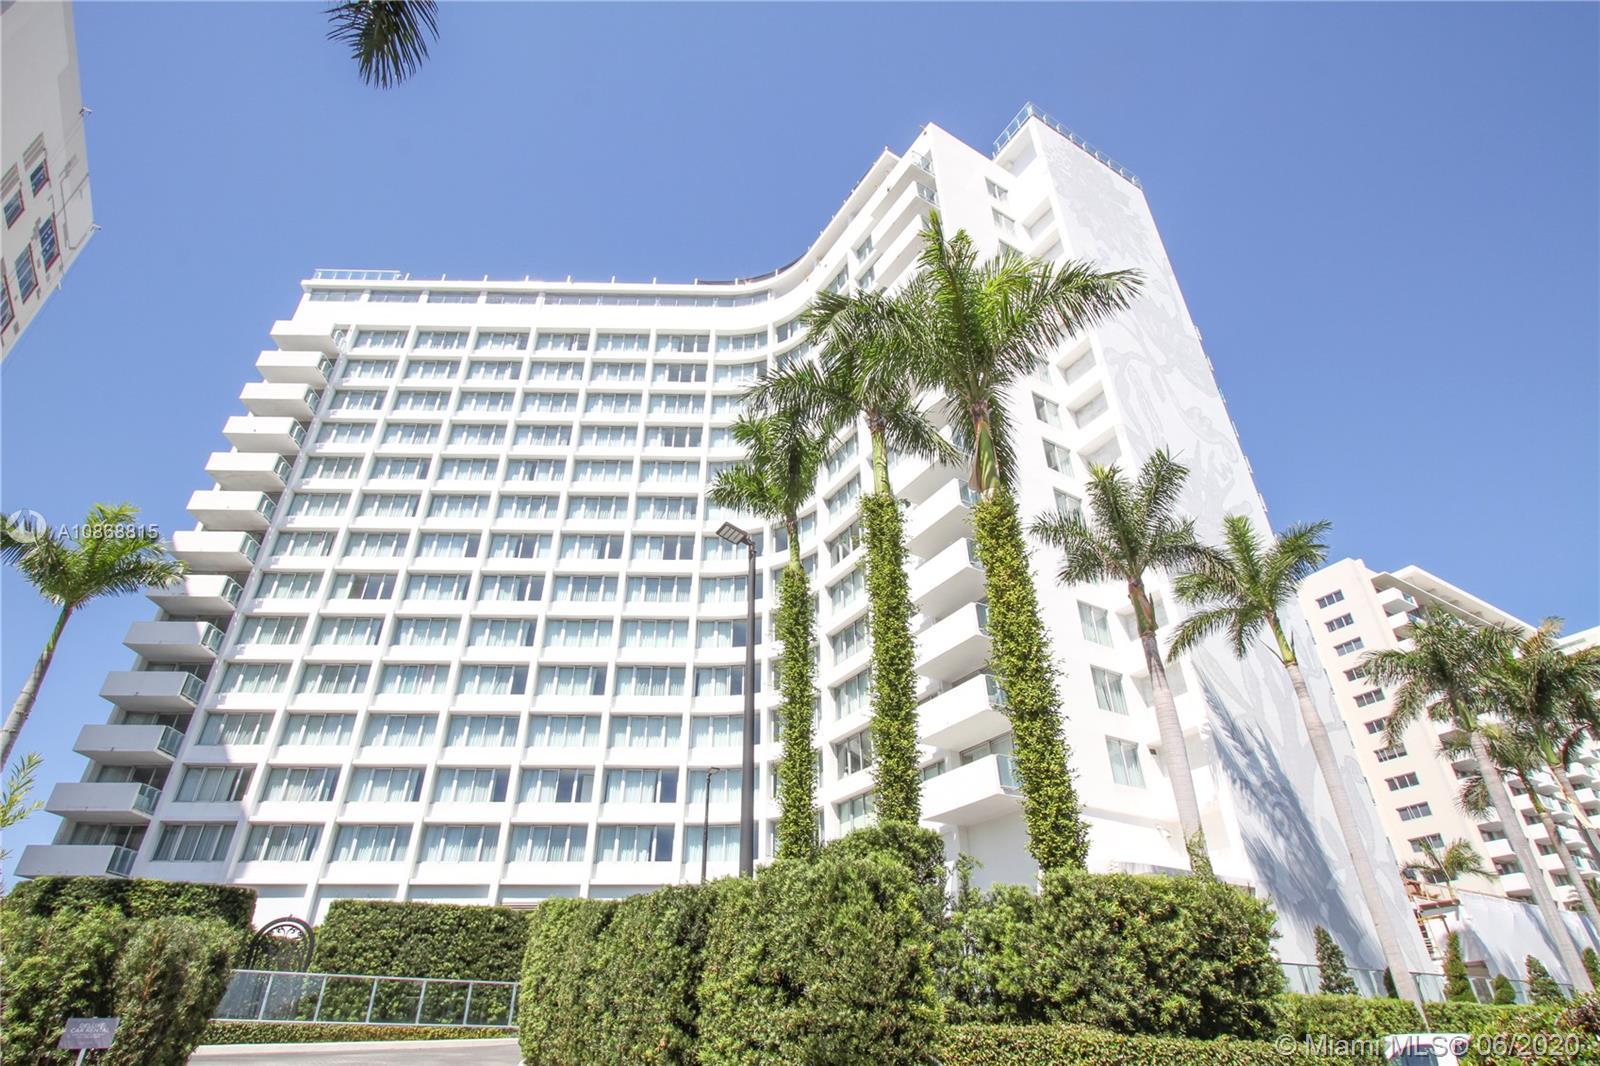 Mondrian South Beach #711 - 07 - photo